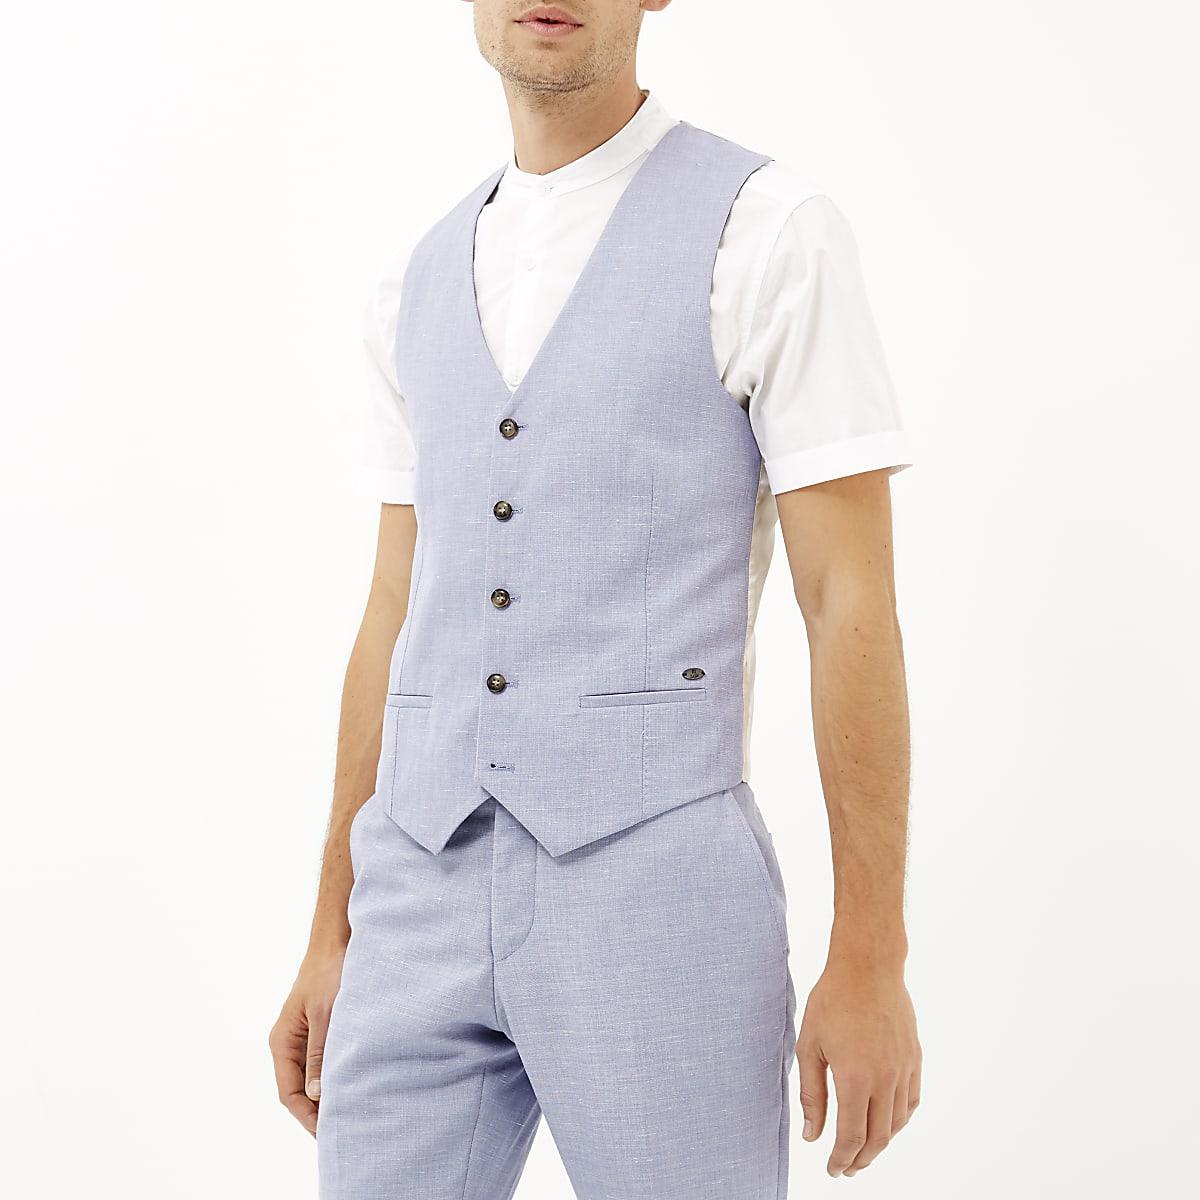 Blue paisley lined waistcoat